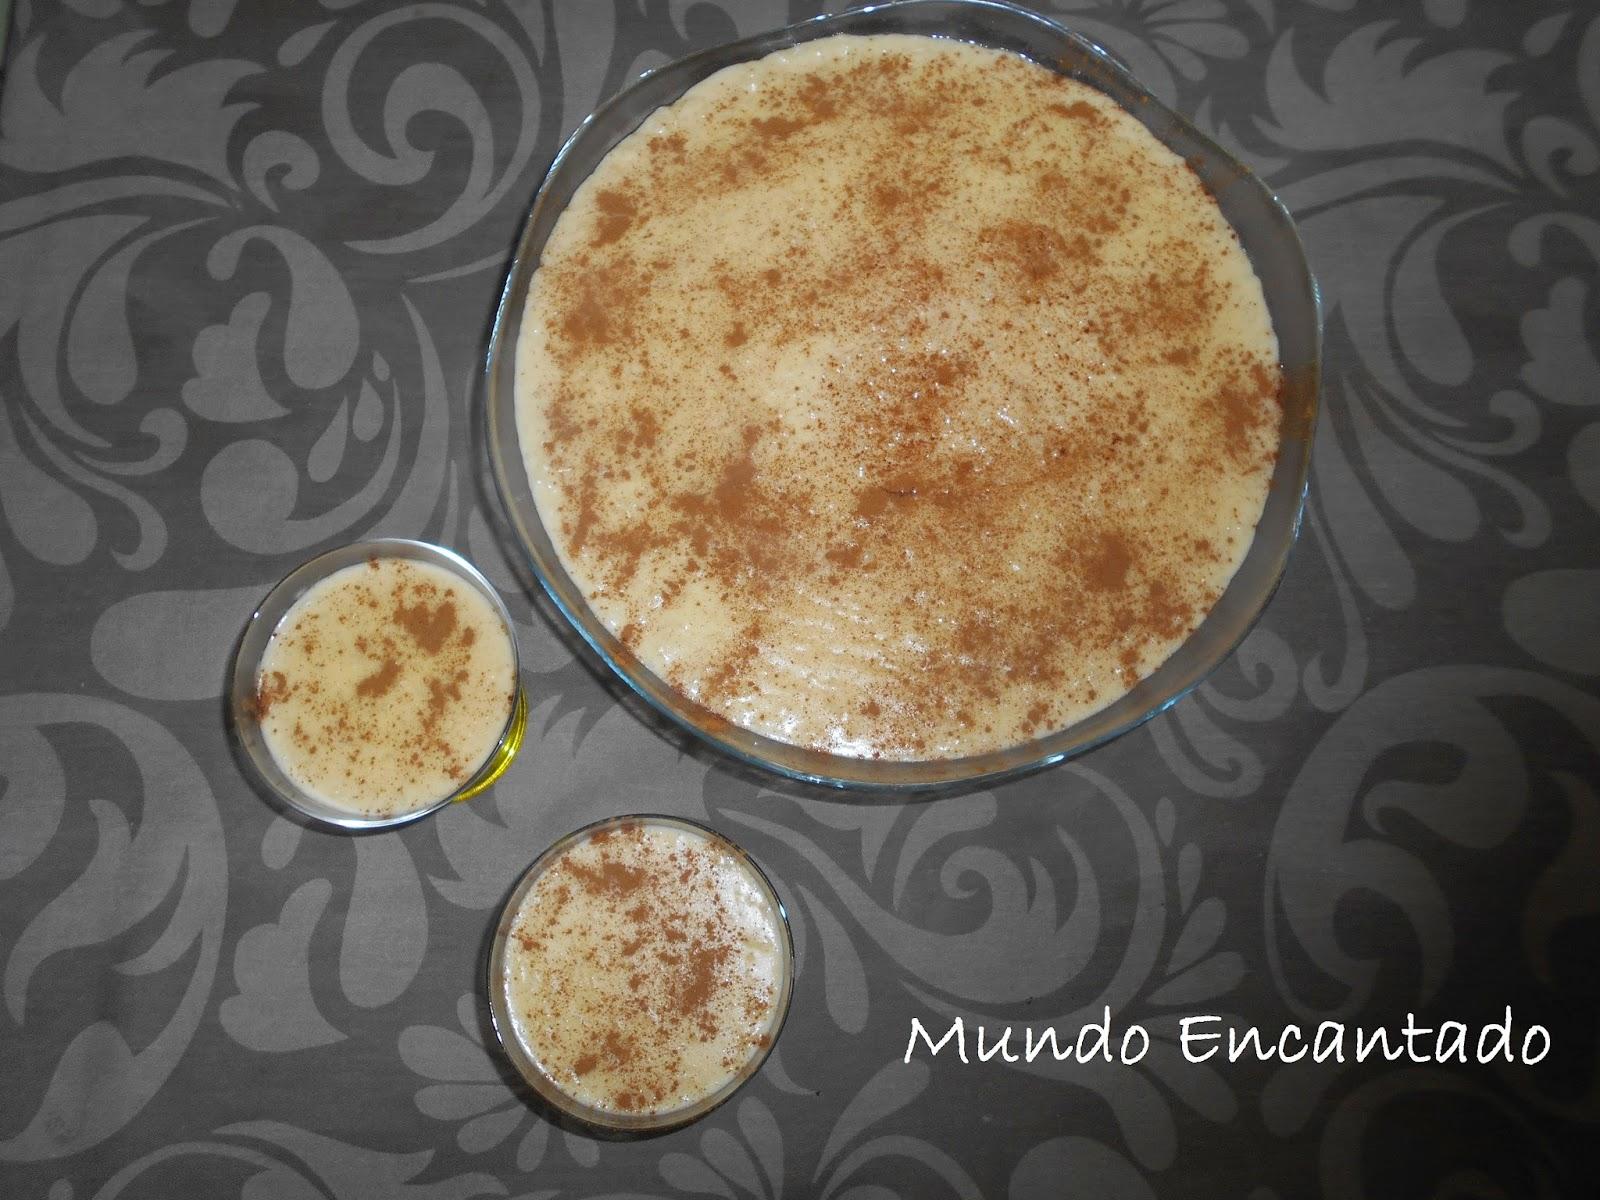 Cozinha Encantada | Arroz Doce.